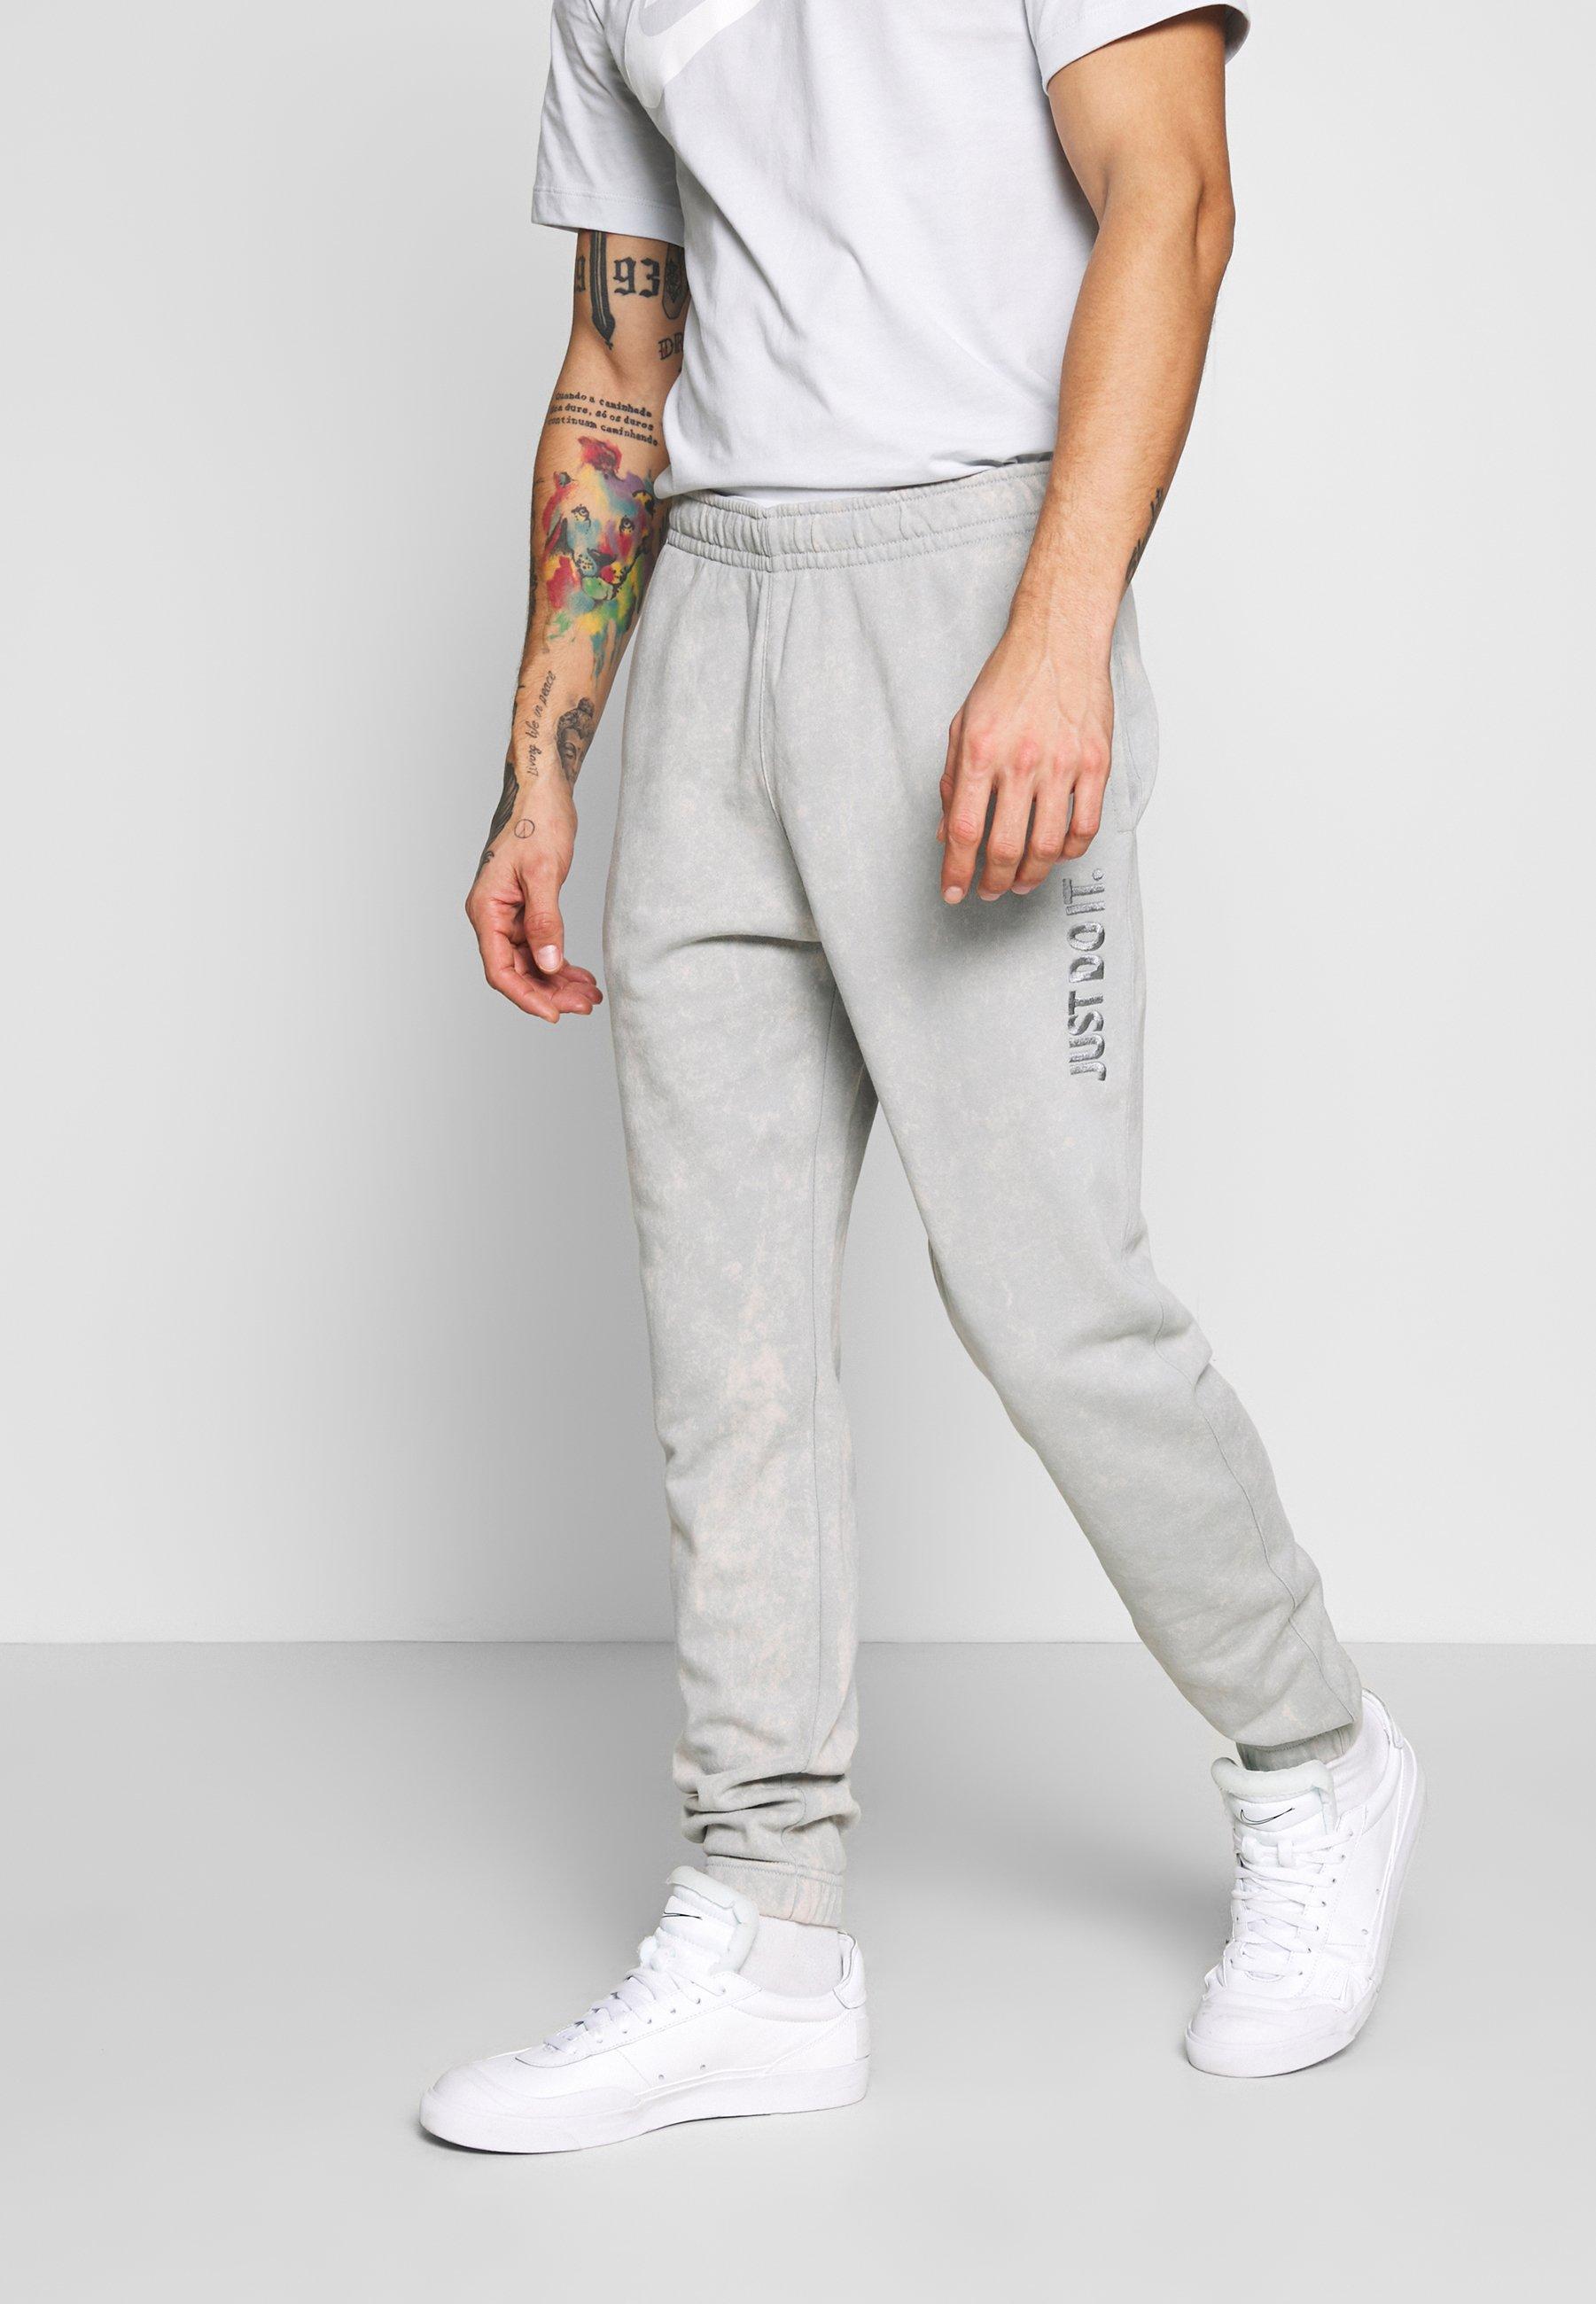 Grå Nike Bukser & shorts | Herre | Nye klær på nett hos Zalando